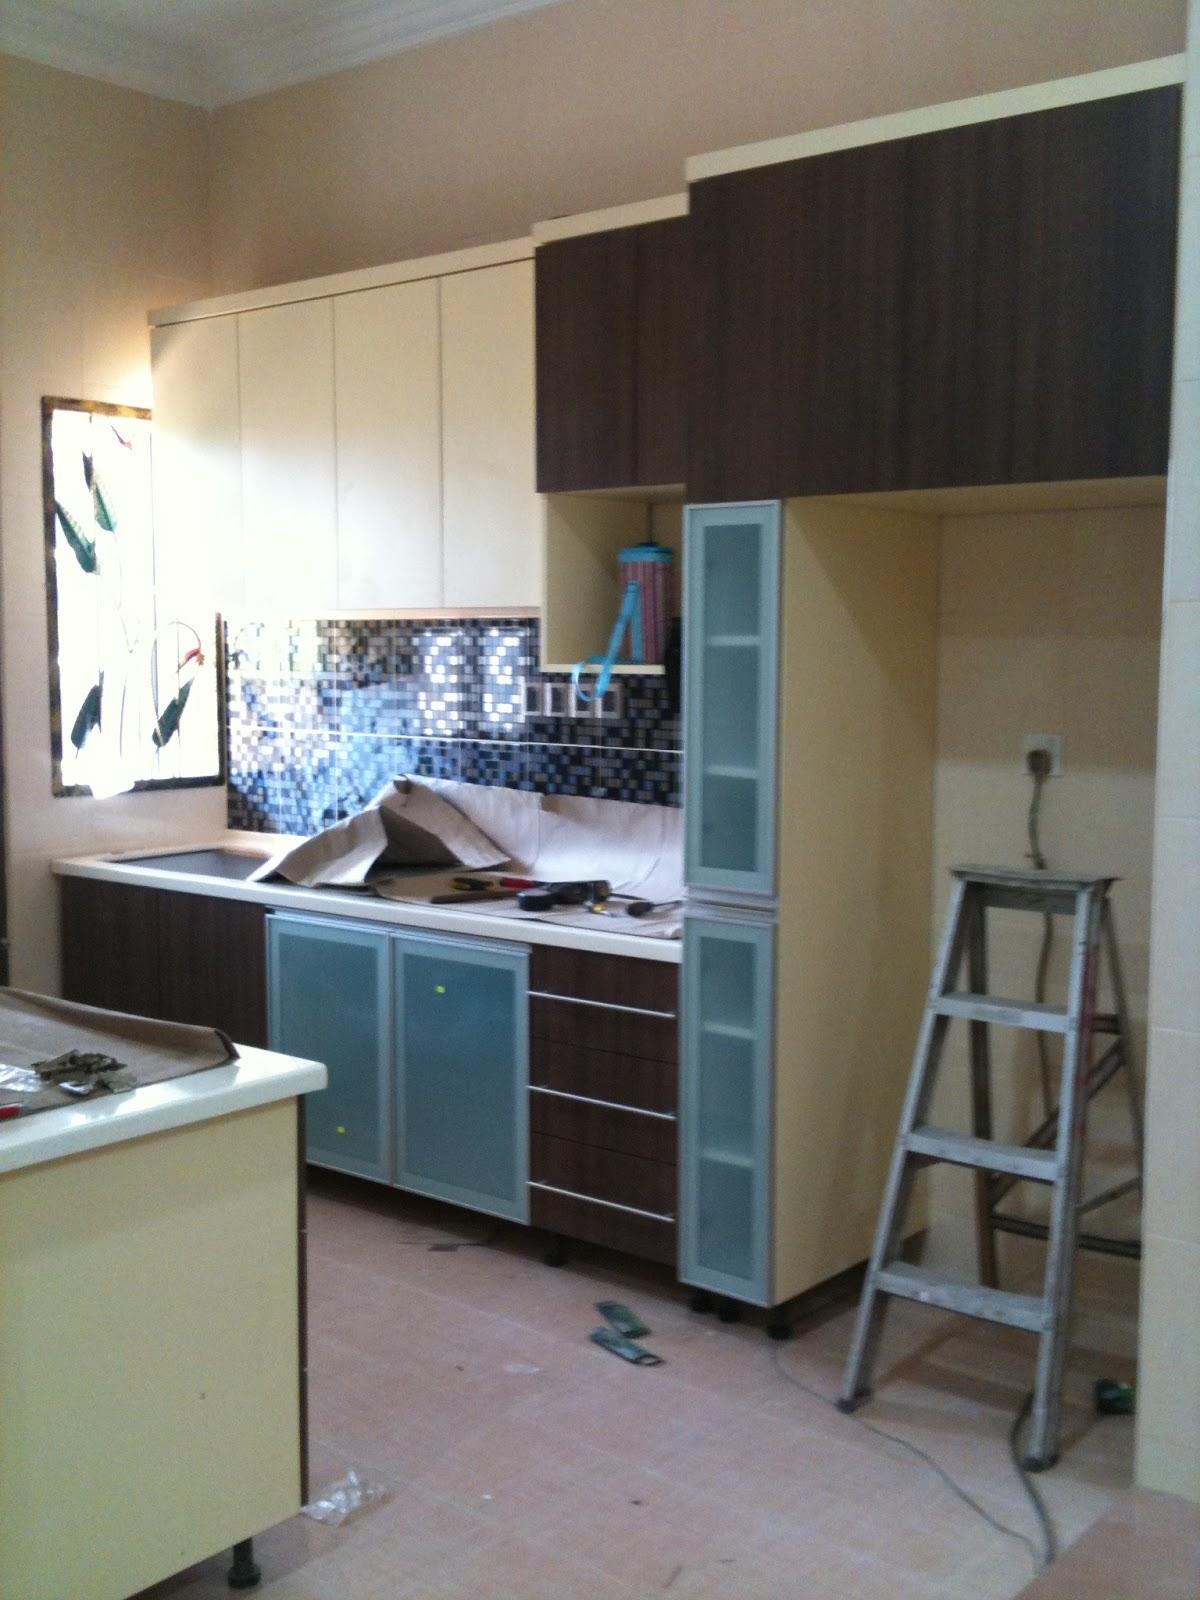 Dapur Jenis I Dengan Kabinet Di Kedua2 Belah Dinding Kanan 13 Kaki Ada Counter Top Utk Sink Dan Petiais Pintu Kaca Kat Bawah Tu Untuk Ruang